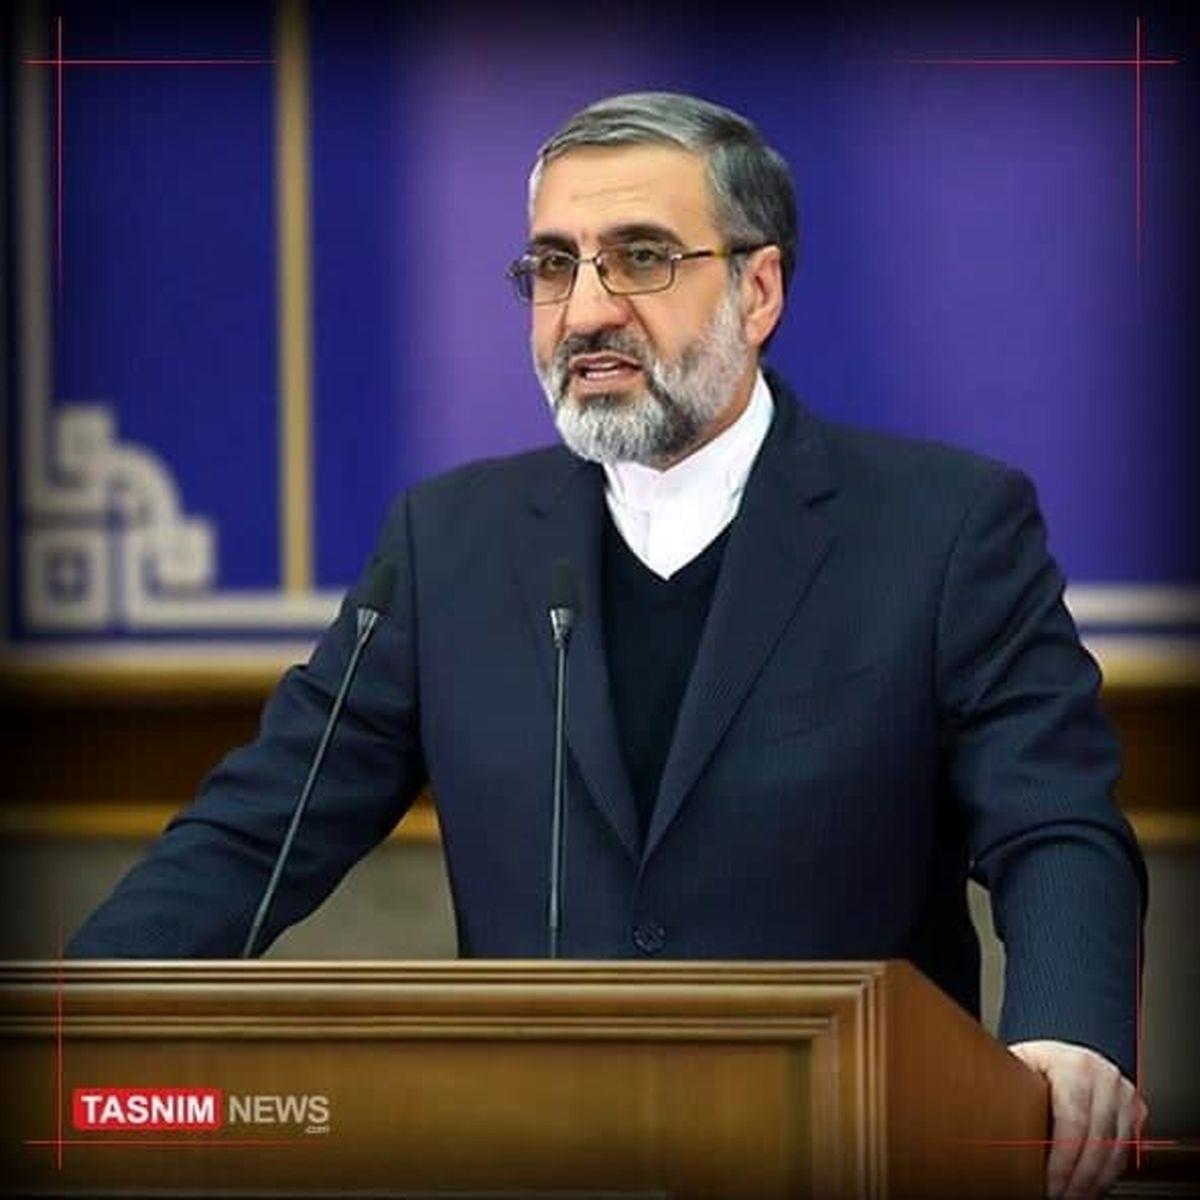 همکاری قوه قضاییه با وزارت اطلاعات در پرونده بابک زنجانی